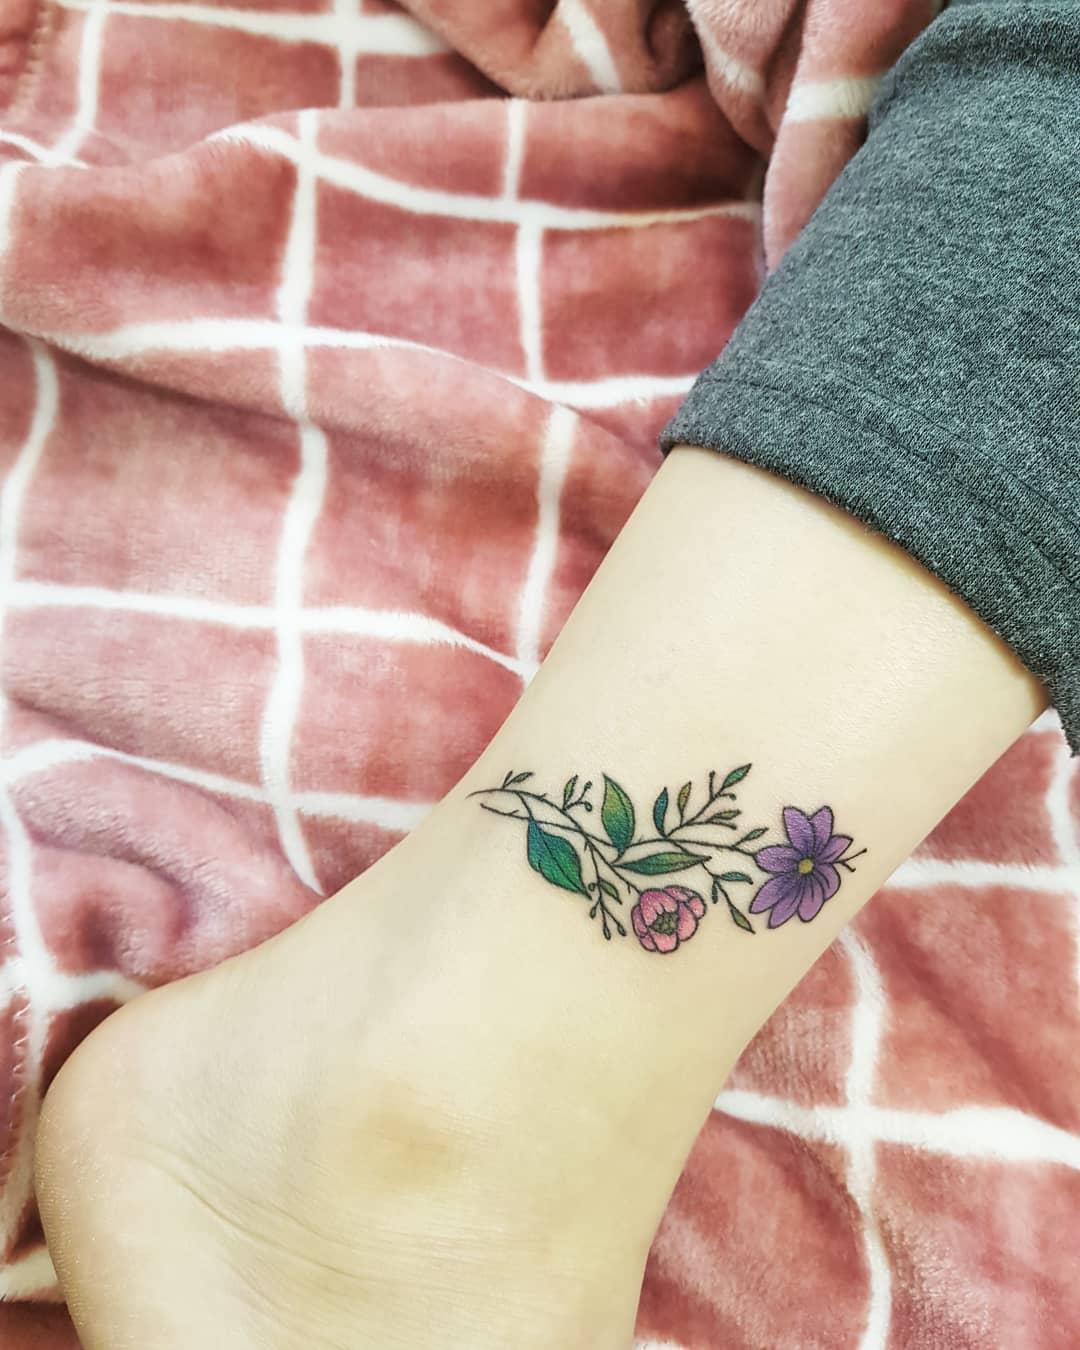 脚踝小清新小花纹身图案